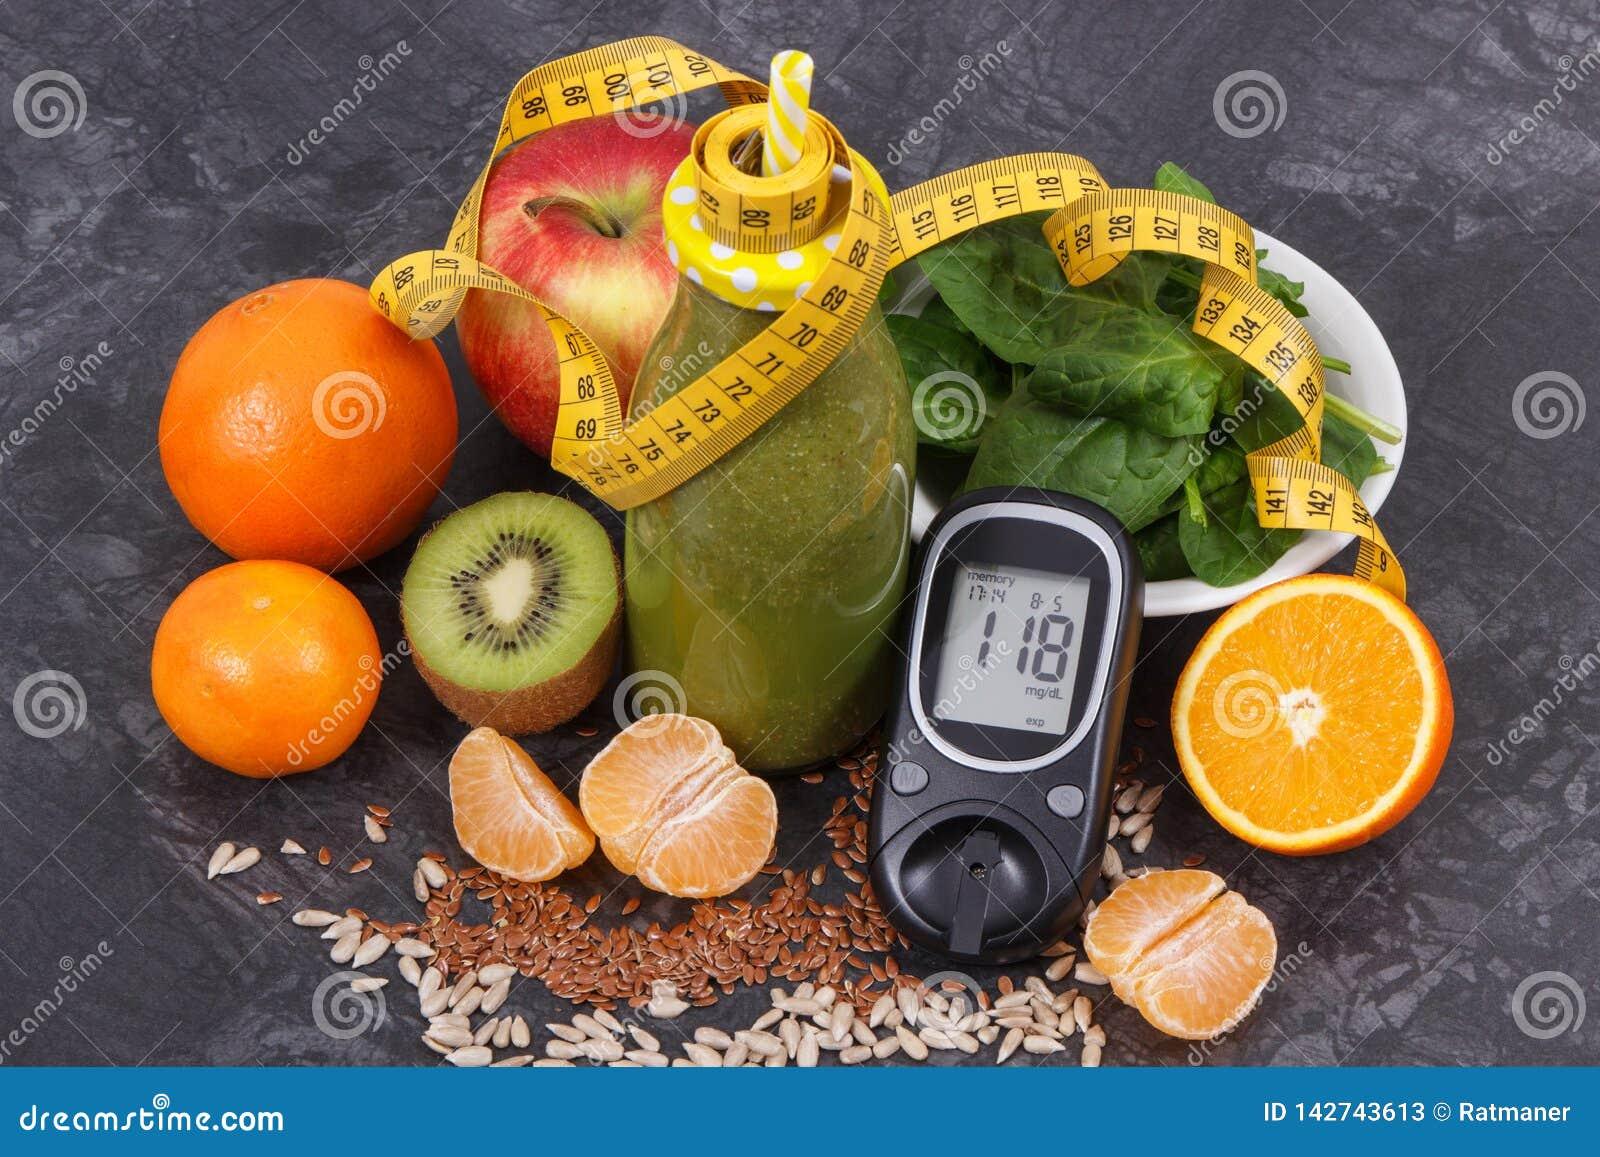 Метр глюкозы с уровнем сахара, рулеткой и свежо смешанным coctail от фруктов и овощей, диабета и здорового